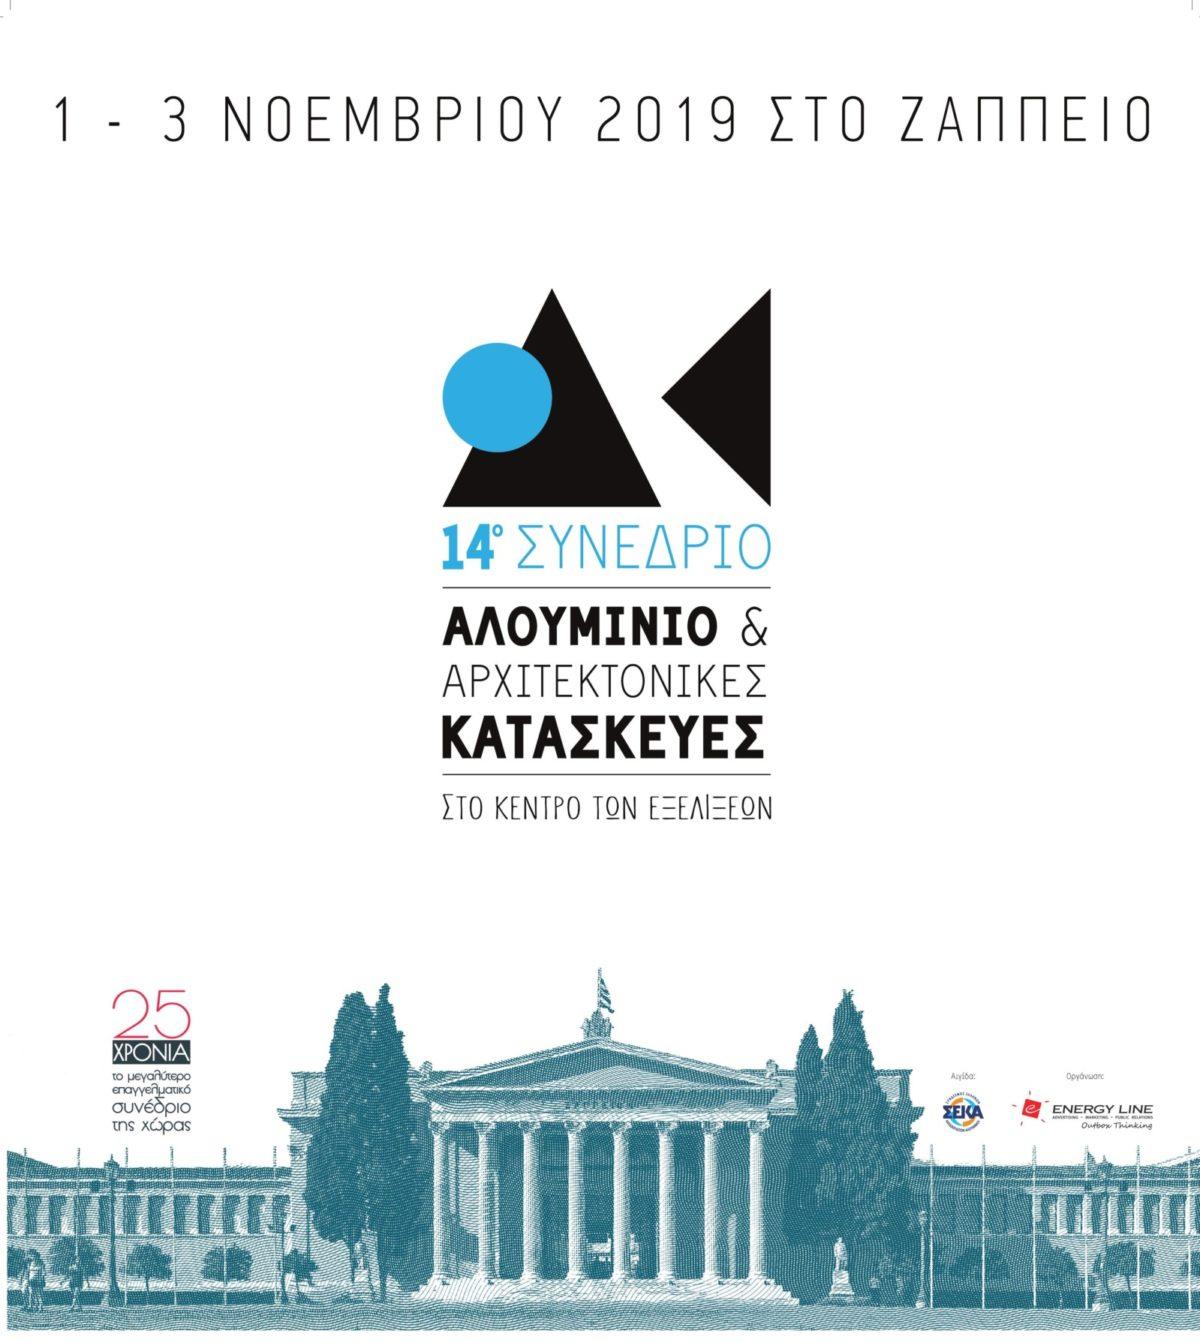 """14ο Συνέδριο """"Αλουμίνιο & Αρχιτεκτονικές Κατασκευές"""", Ζάππειο 1 – 3 Νοεμβρίου 2019"""